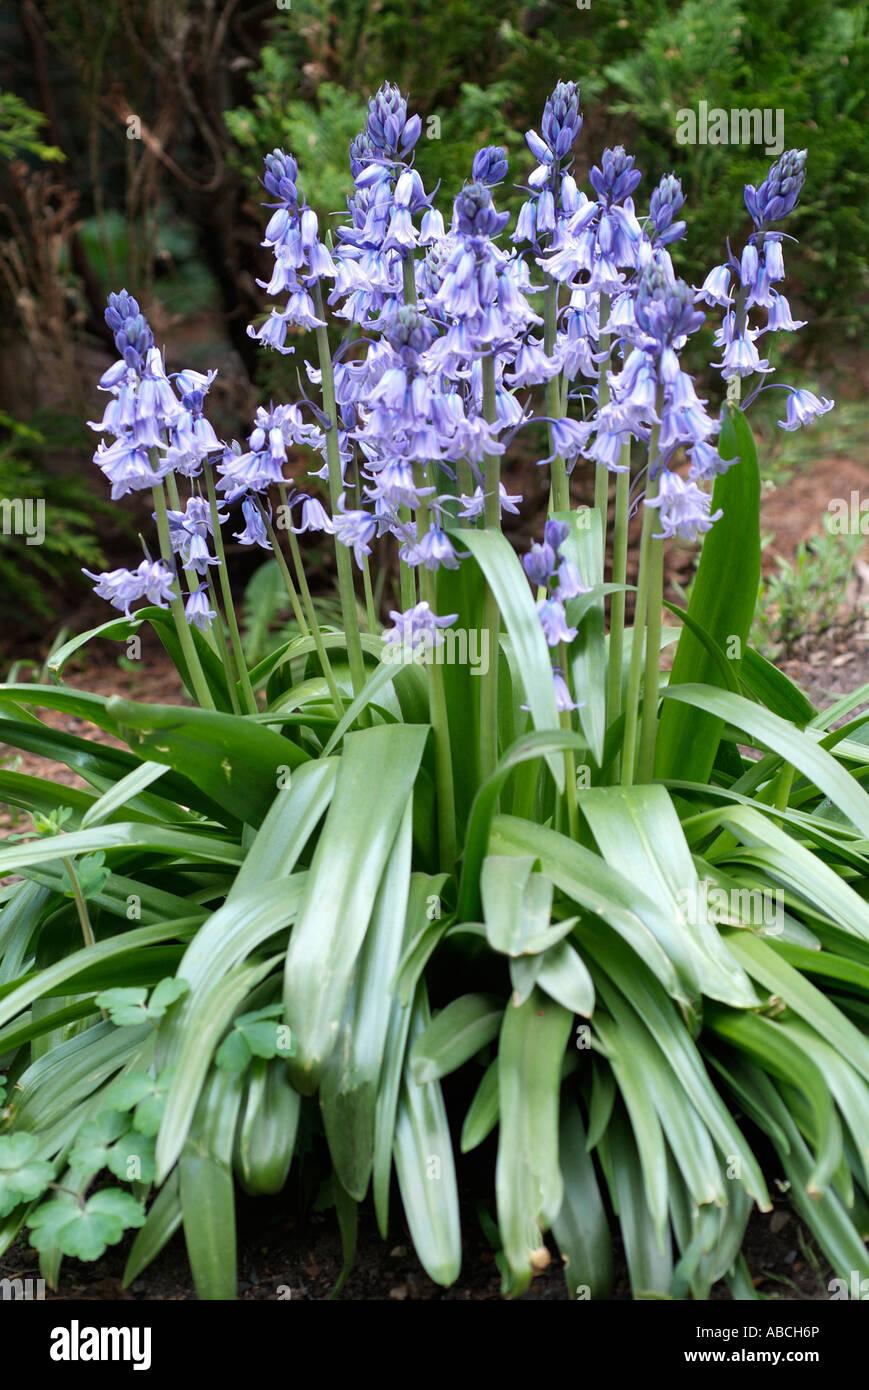 Blue Bell ombre bois sauvage printemps fleurs Endymion ampoule hyacinthoides non scripta couleur Banque D'Images